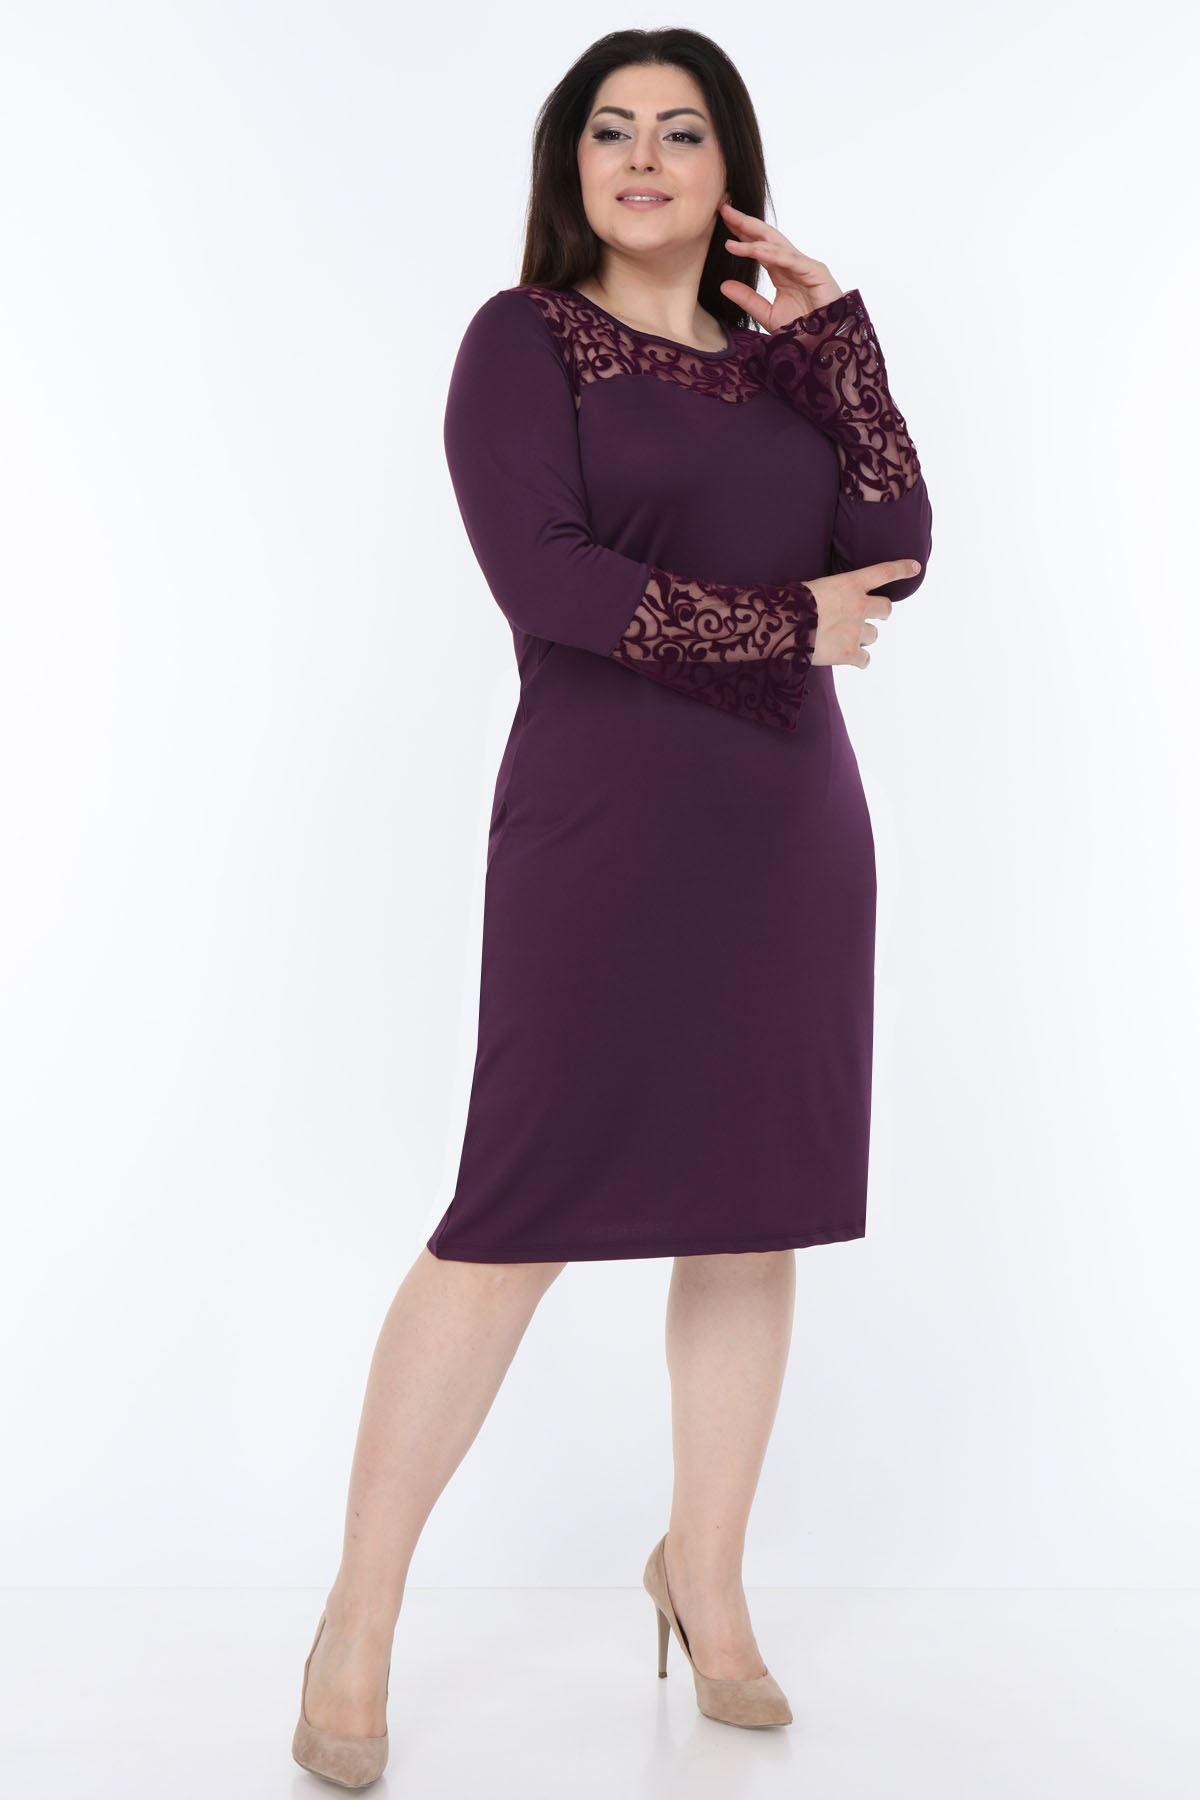 İspanyol Kol Mor Büyük Beden Elbise 4D-69249